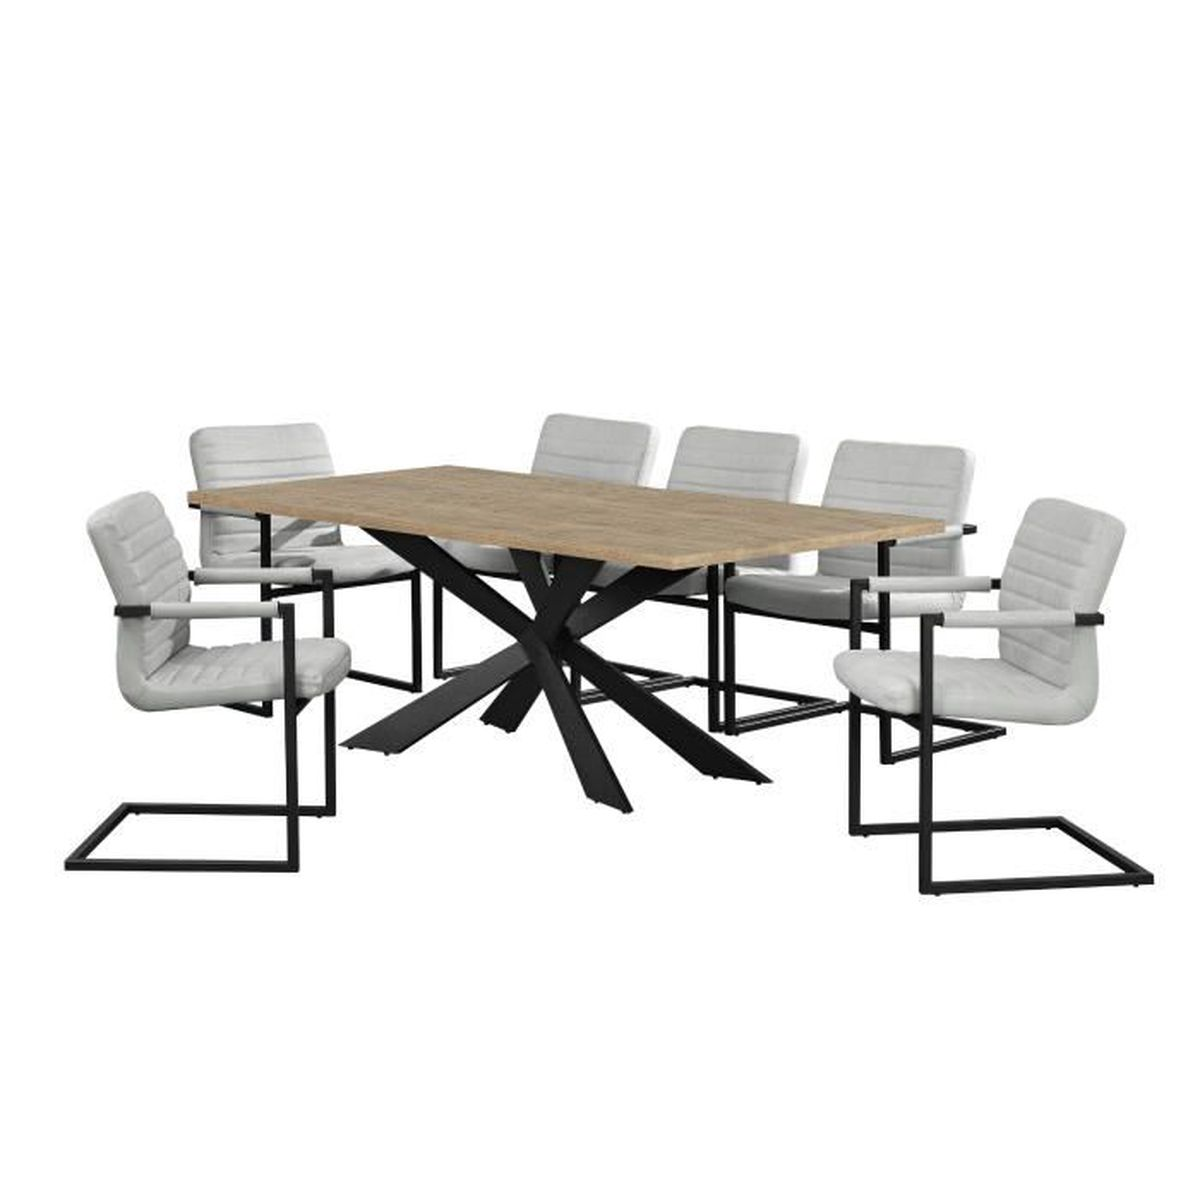 Table de salle manger ch ne naturel avec 6 for Table de salle a manger avec 6 chaises